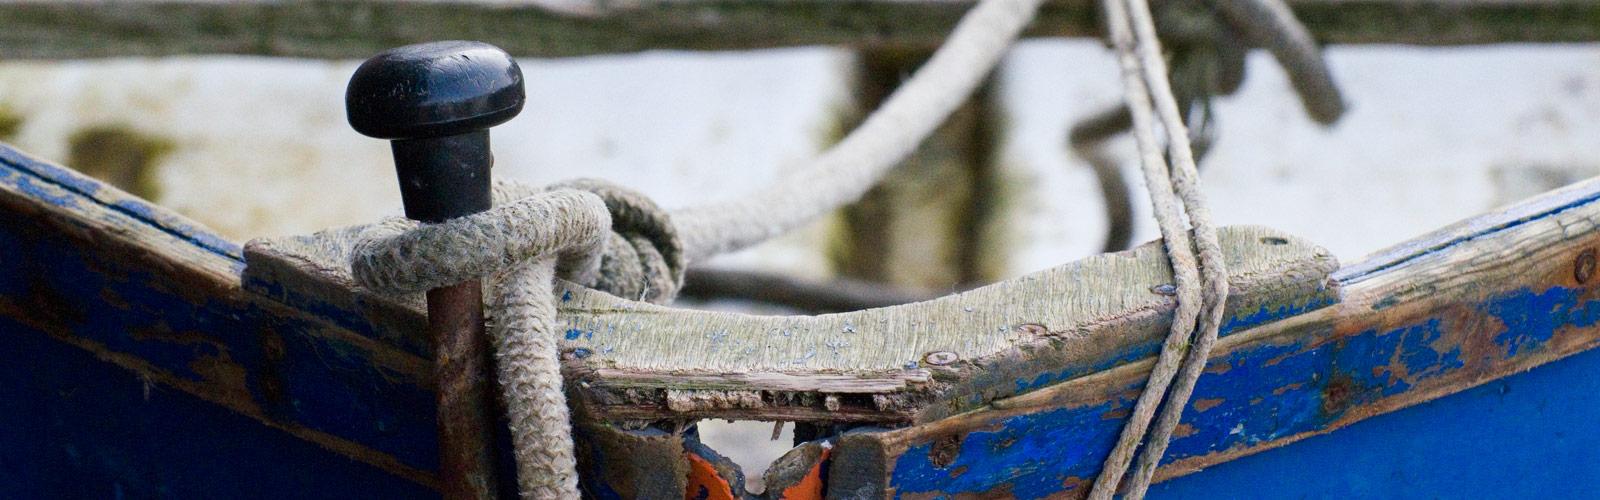 Queenborough Fishery Trust